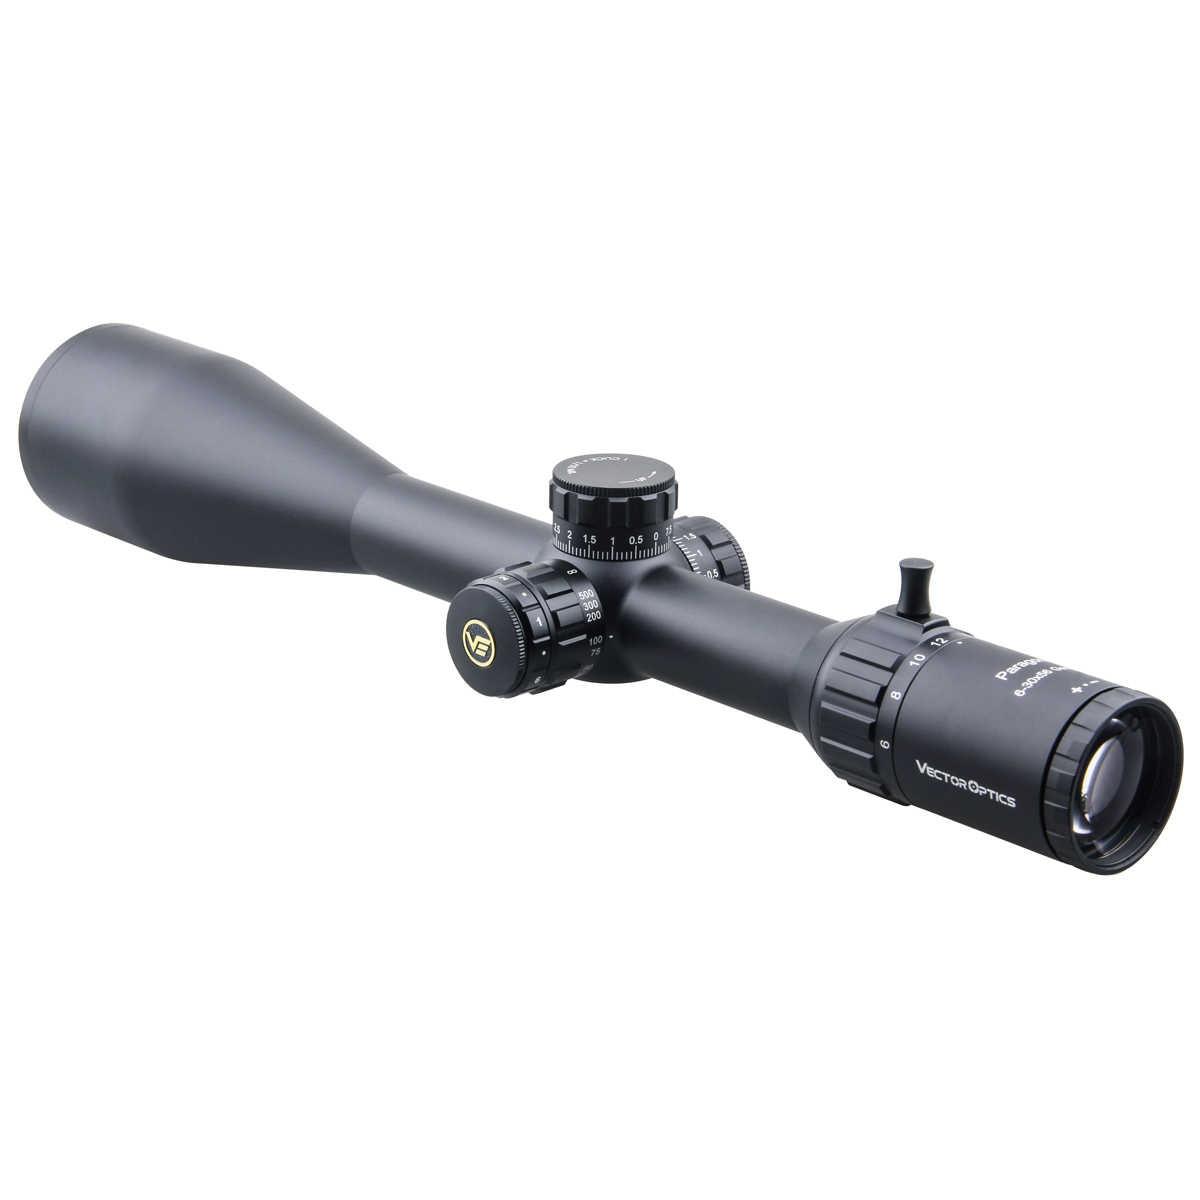 Ottica di vettore Gen2 Paragon 6-30x56 Caccia Riflescope Portata Ottica Tattica 1/10 MIL 90% Luce A Lungo Raggio Tiro Preciso. 338